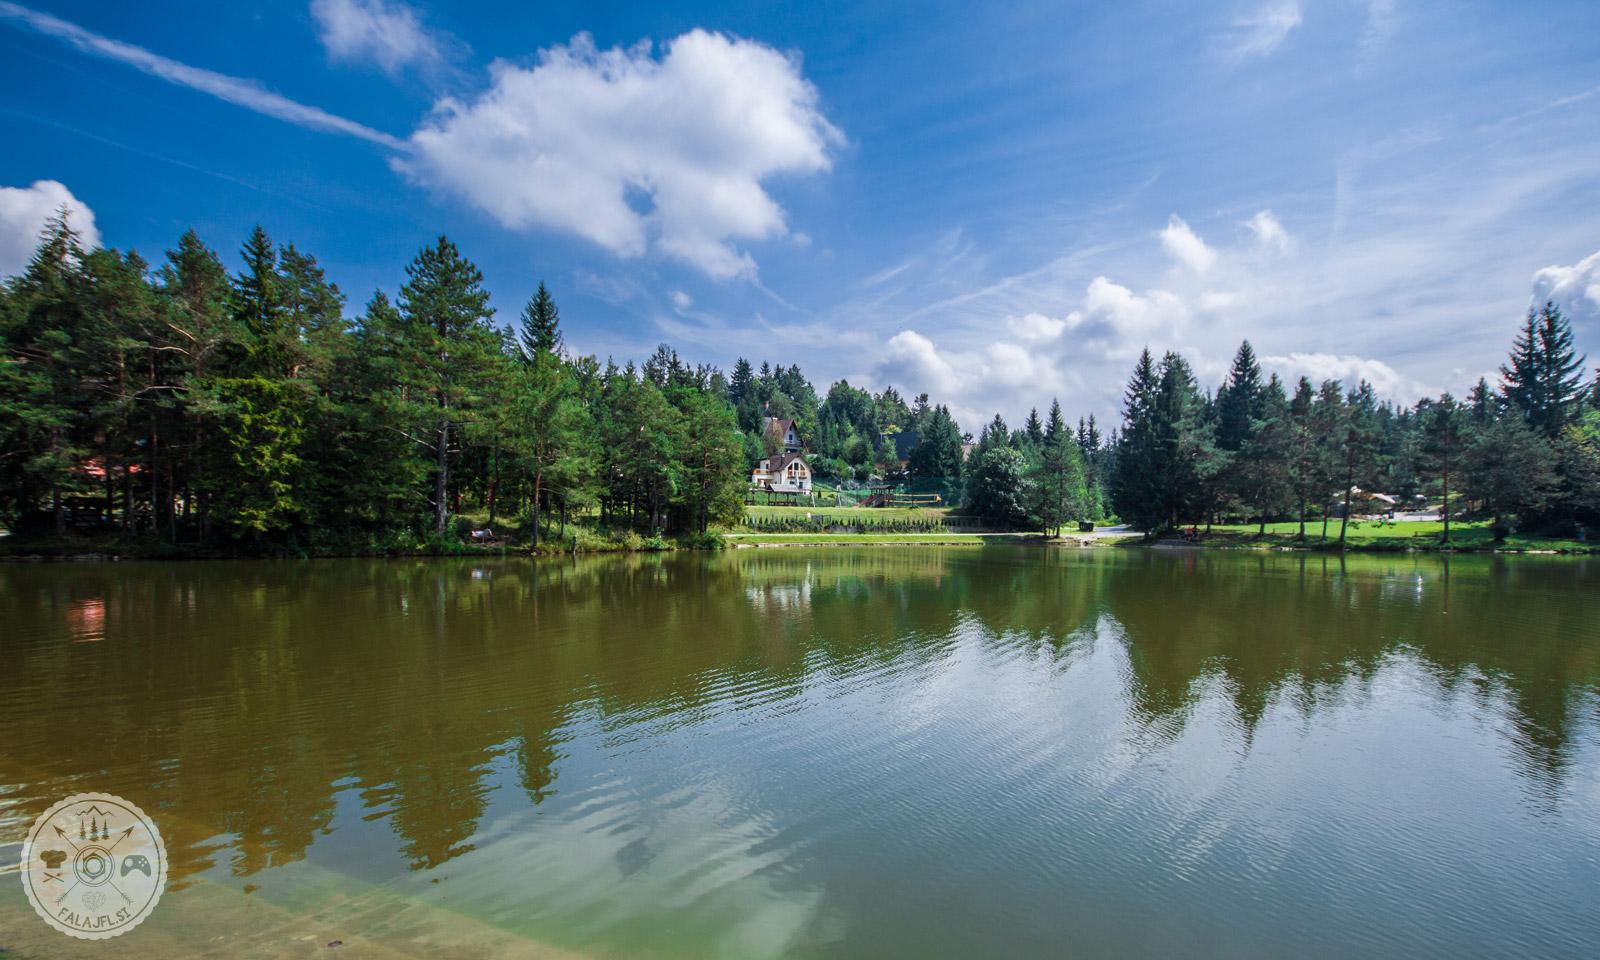 rakitnisko-jezero-foto01